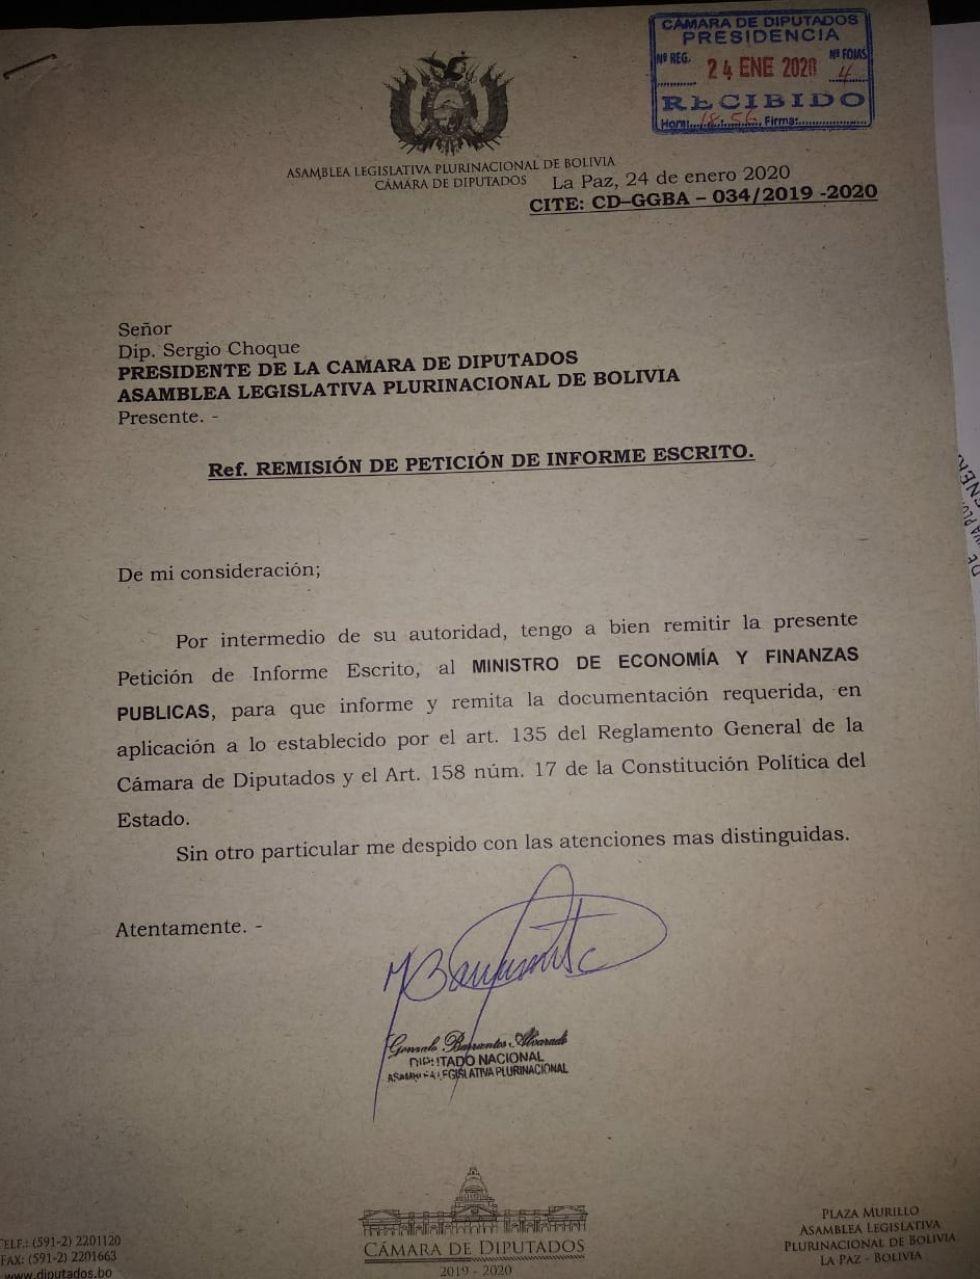 La petición de informe.